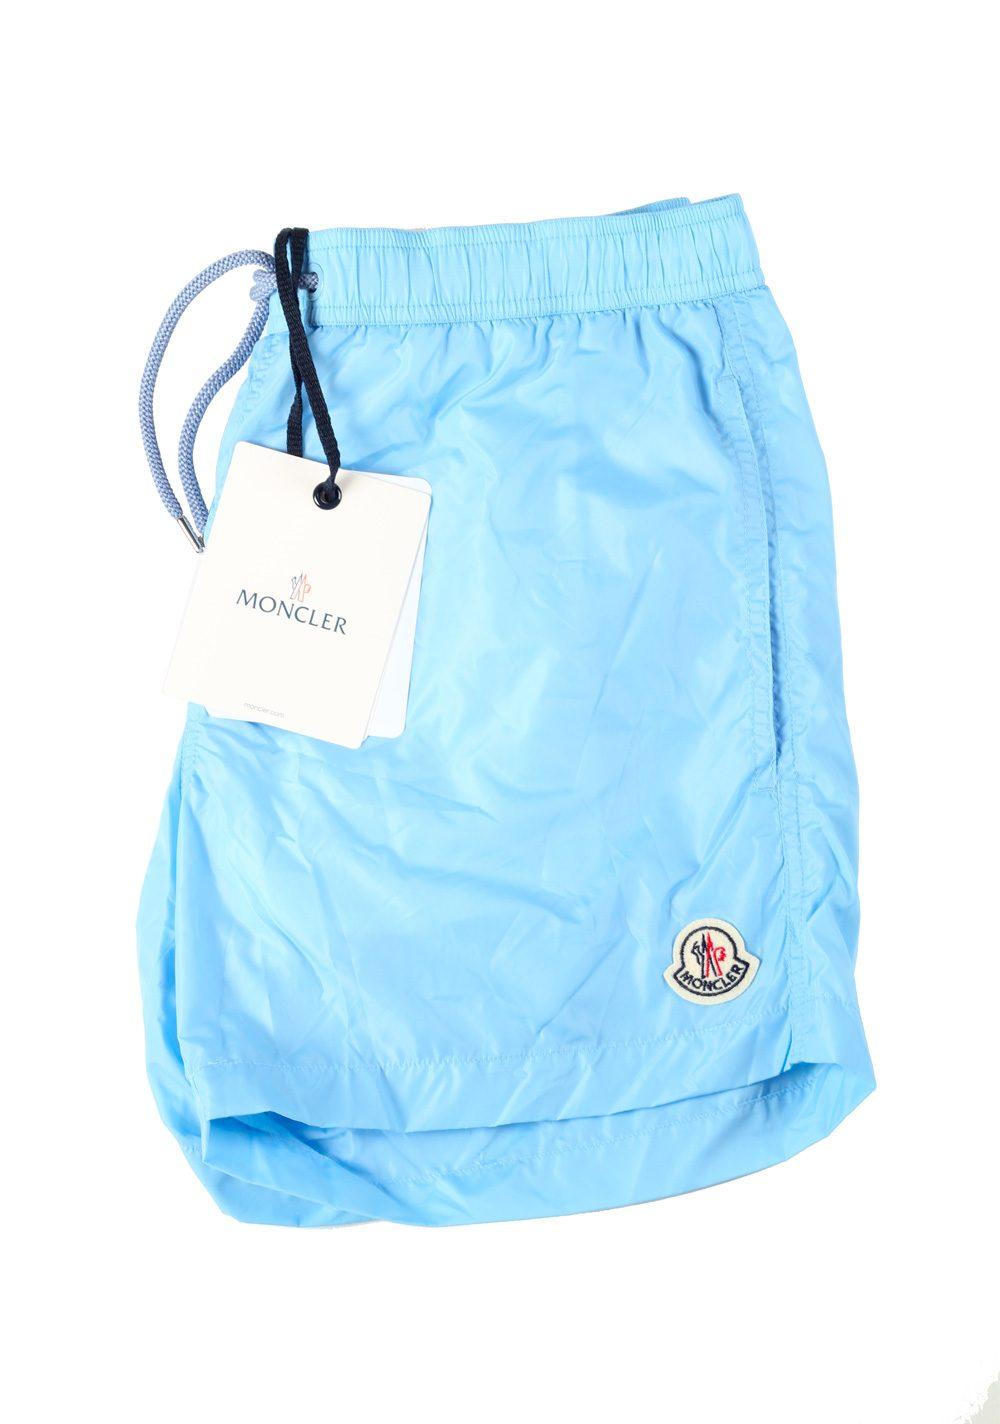 bf2c45dbdf Moncler Swim Trunks Size M / 38R U.S. Light Blue   Costume Limité